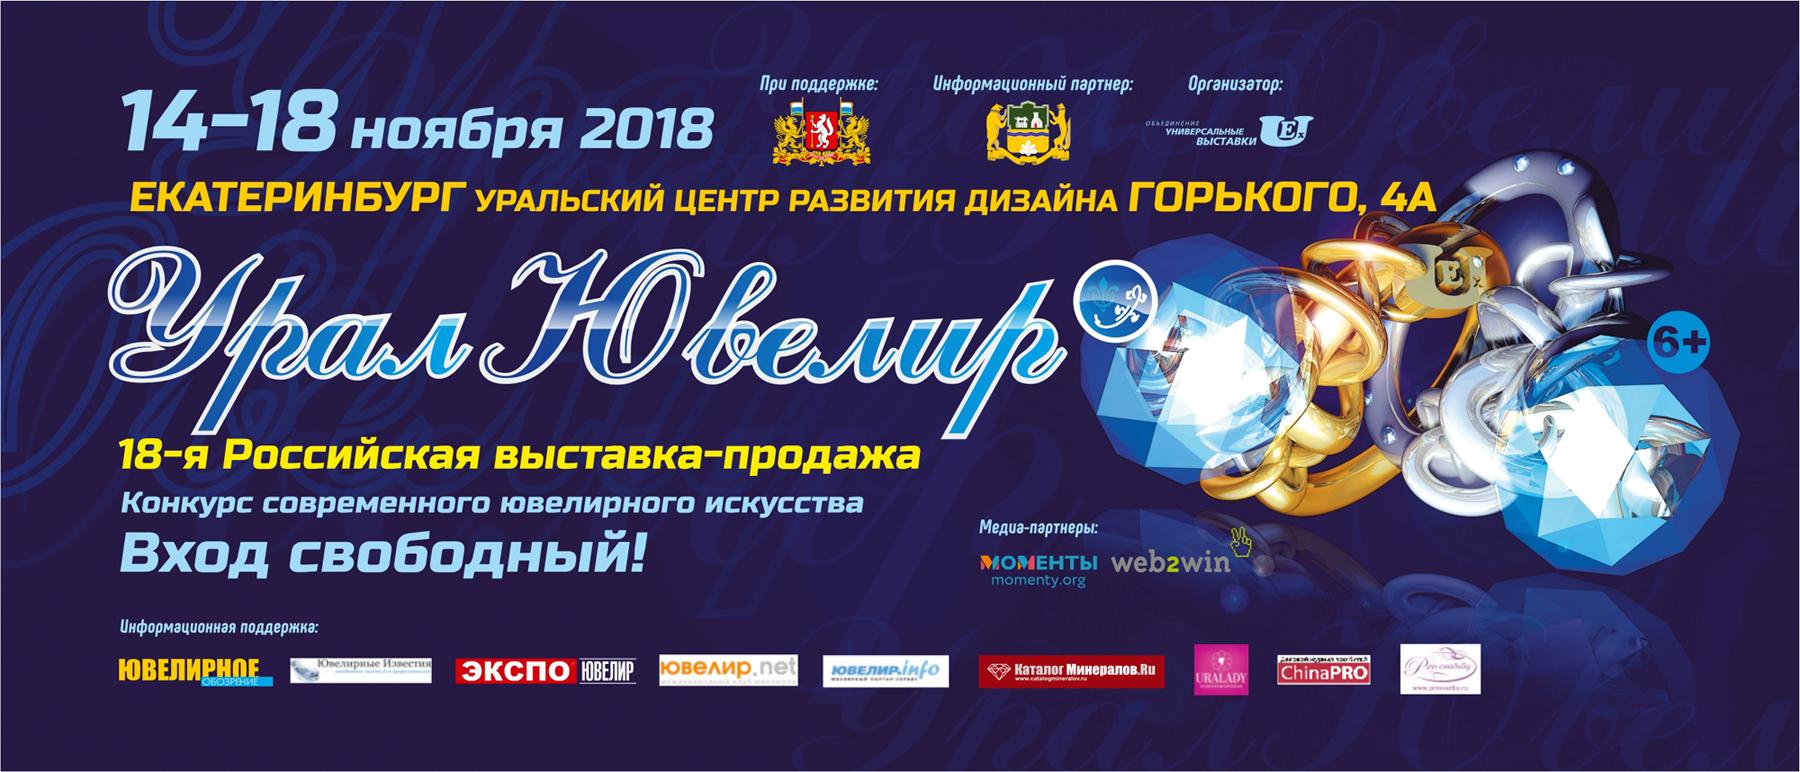 Старейшая отраслевая ювелирная выставка столицы Урала - одна из самых  известных и авторитетных региональных ювелирных экспозиций в России. За 18  лет своего ... f4d22339b89